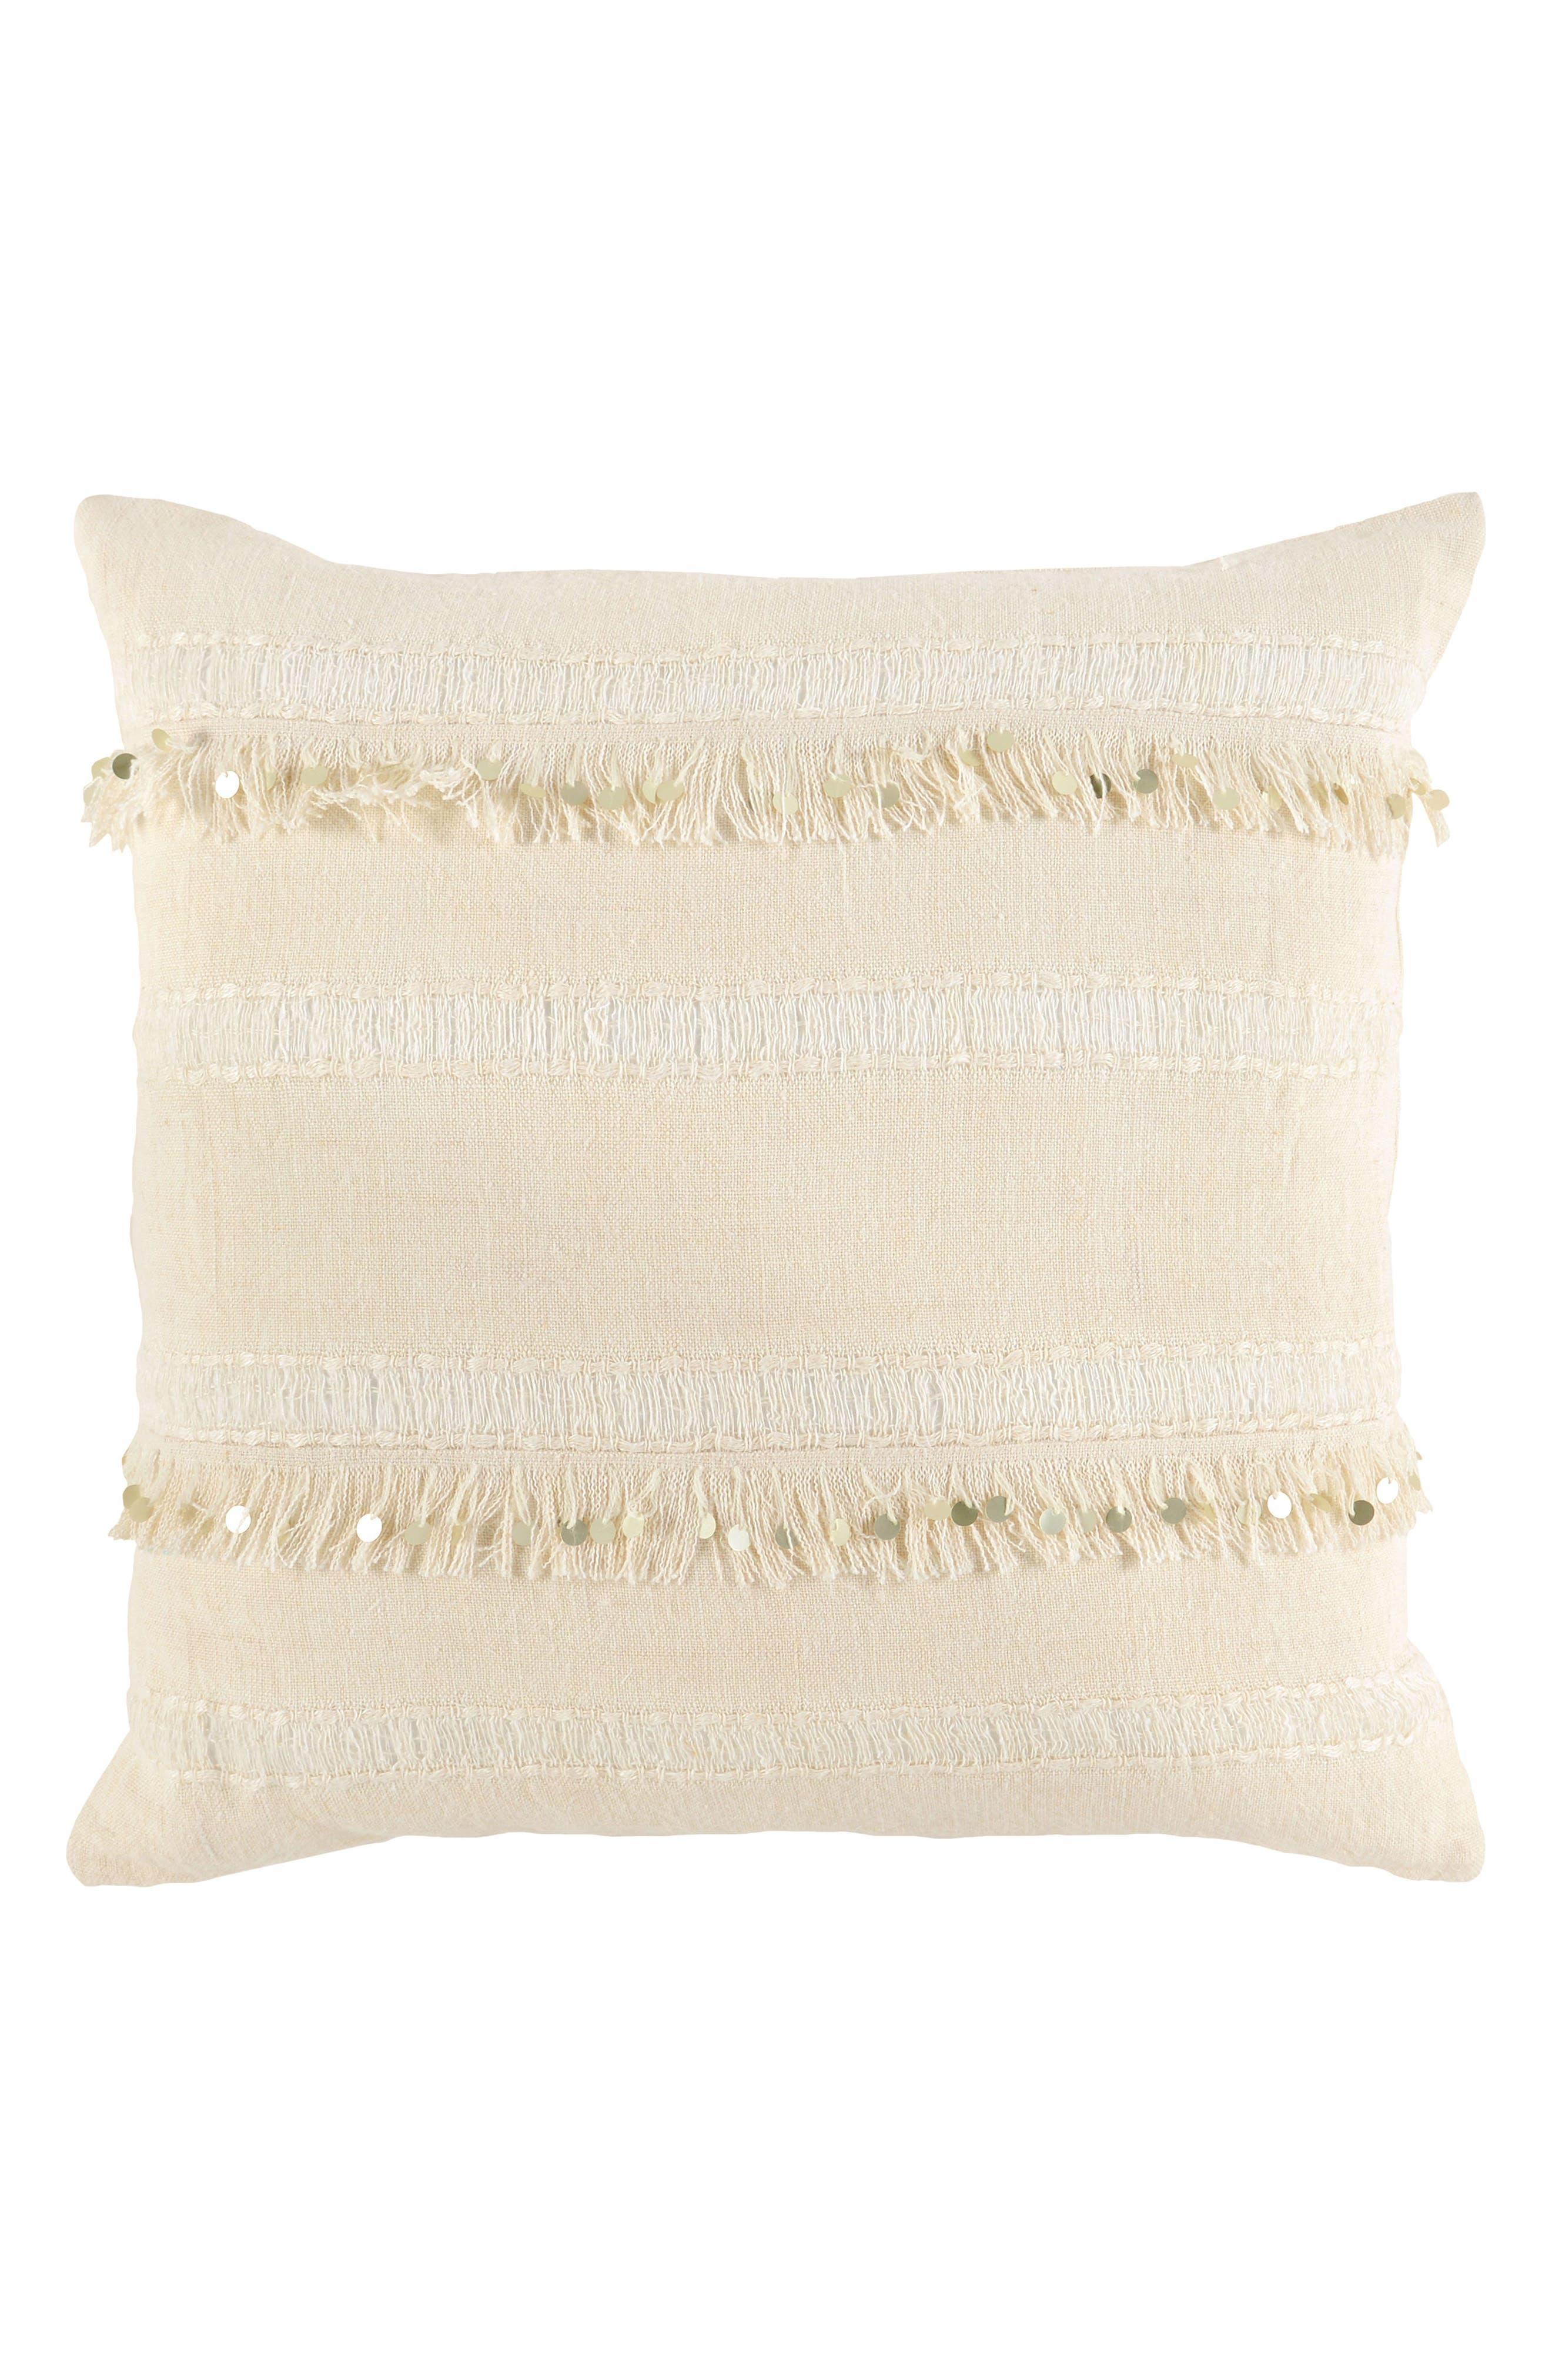 Villa Home Collection Dirade Accent Pillow